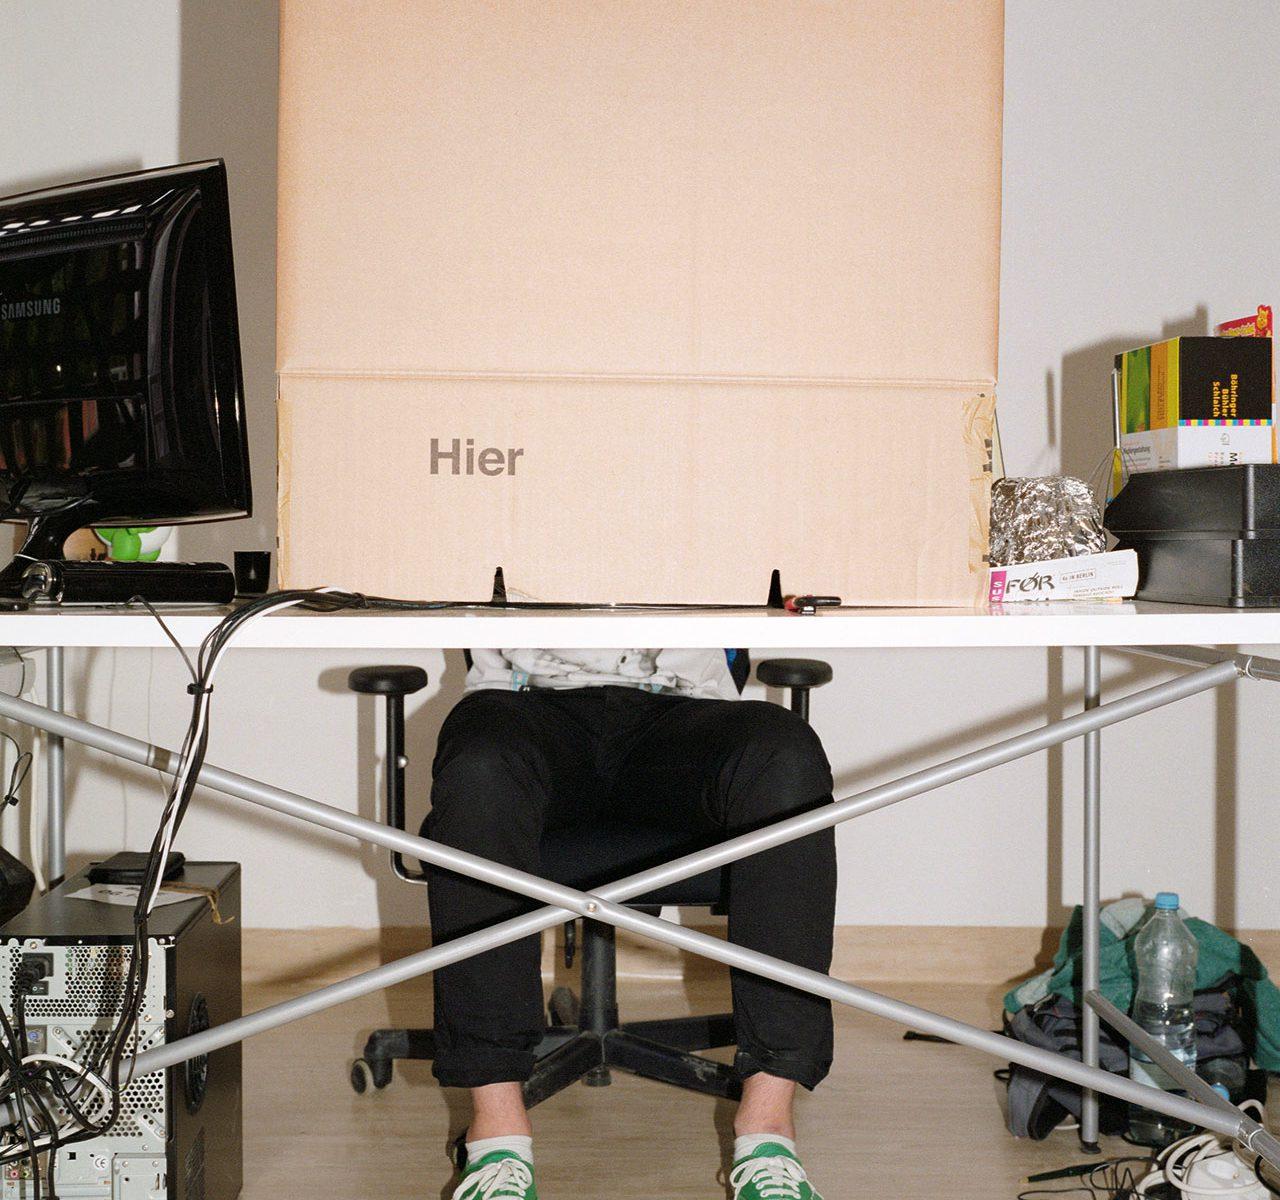 Welche Kunden möchte ich mit meiner Webseite ansprechen und mache ich das eigentlich richtig? Foto: Jörg Brüggemann/Ostkreuz